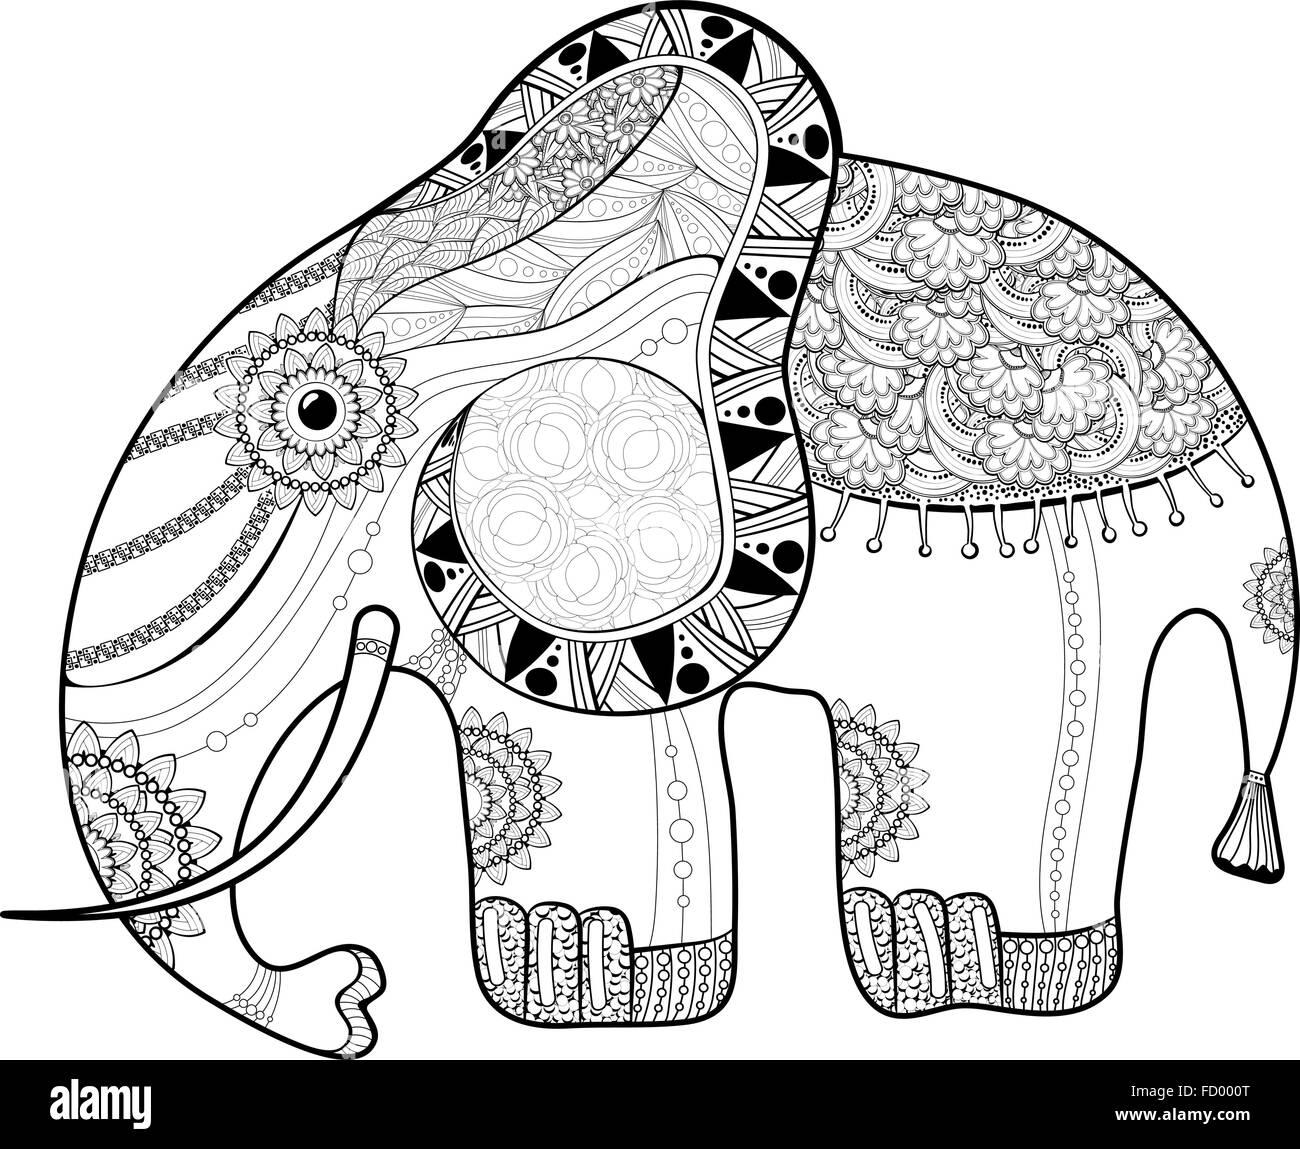 malvorlagen buch für erwachsene elefant ethnische anti